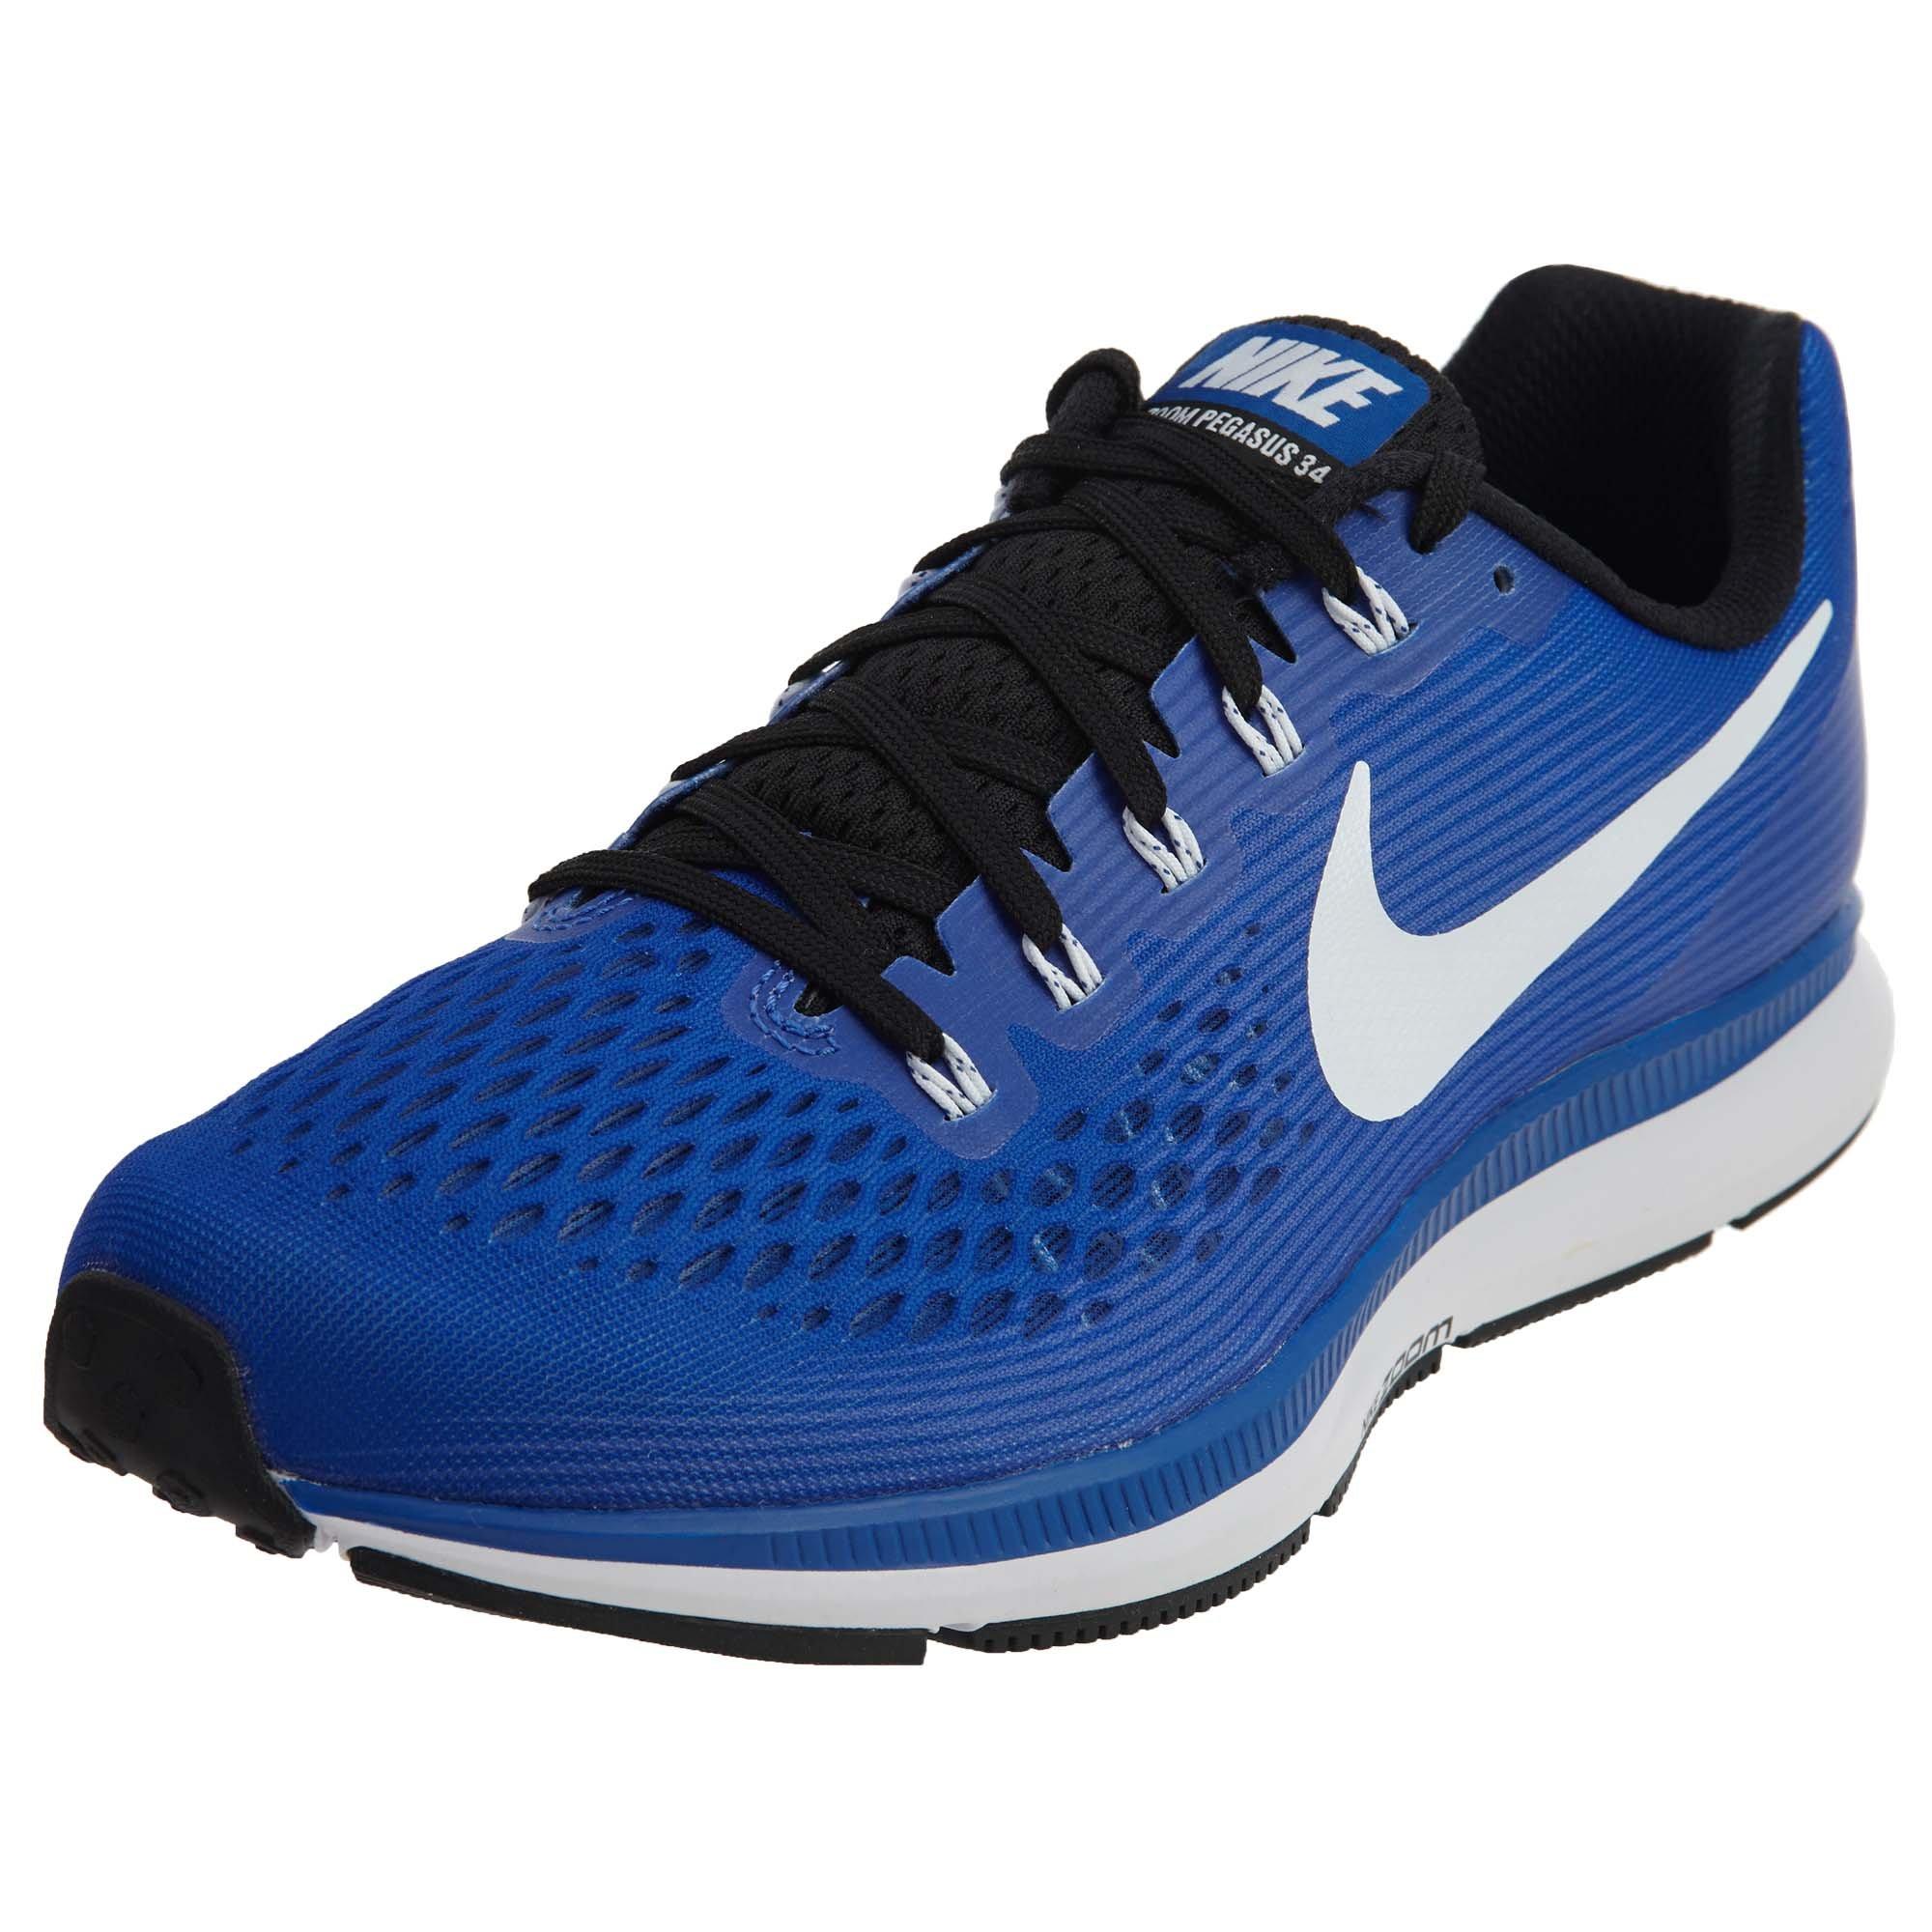 Nike Air Zoom Pegasus 34 Tb Mens Style: 887009-402 Size: 8 M US by NIKE